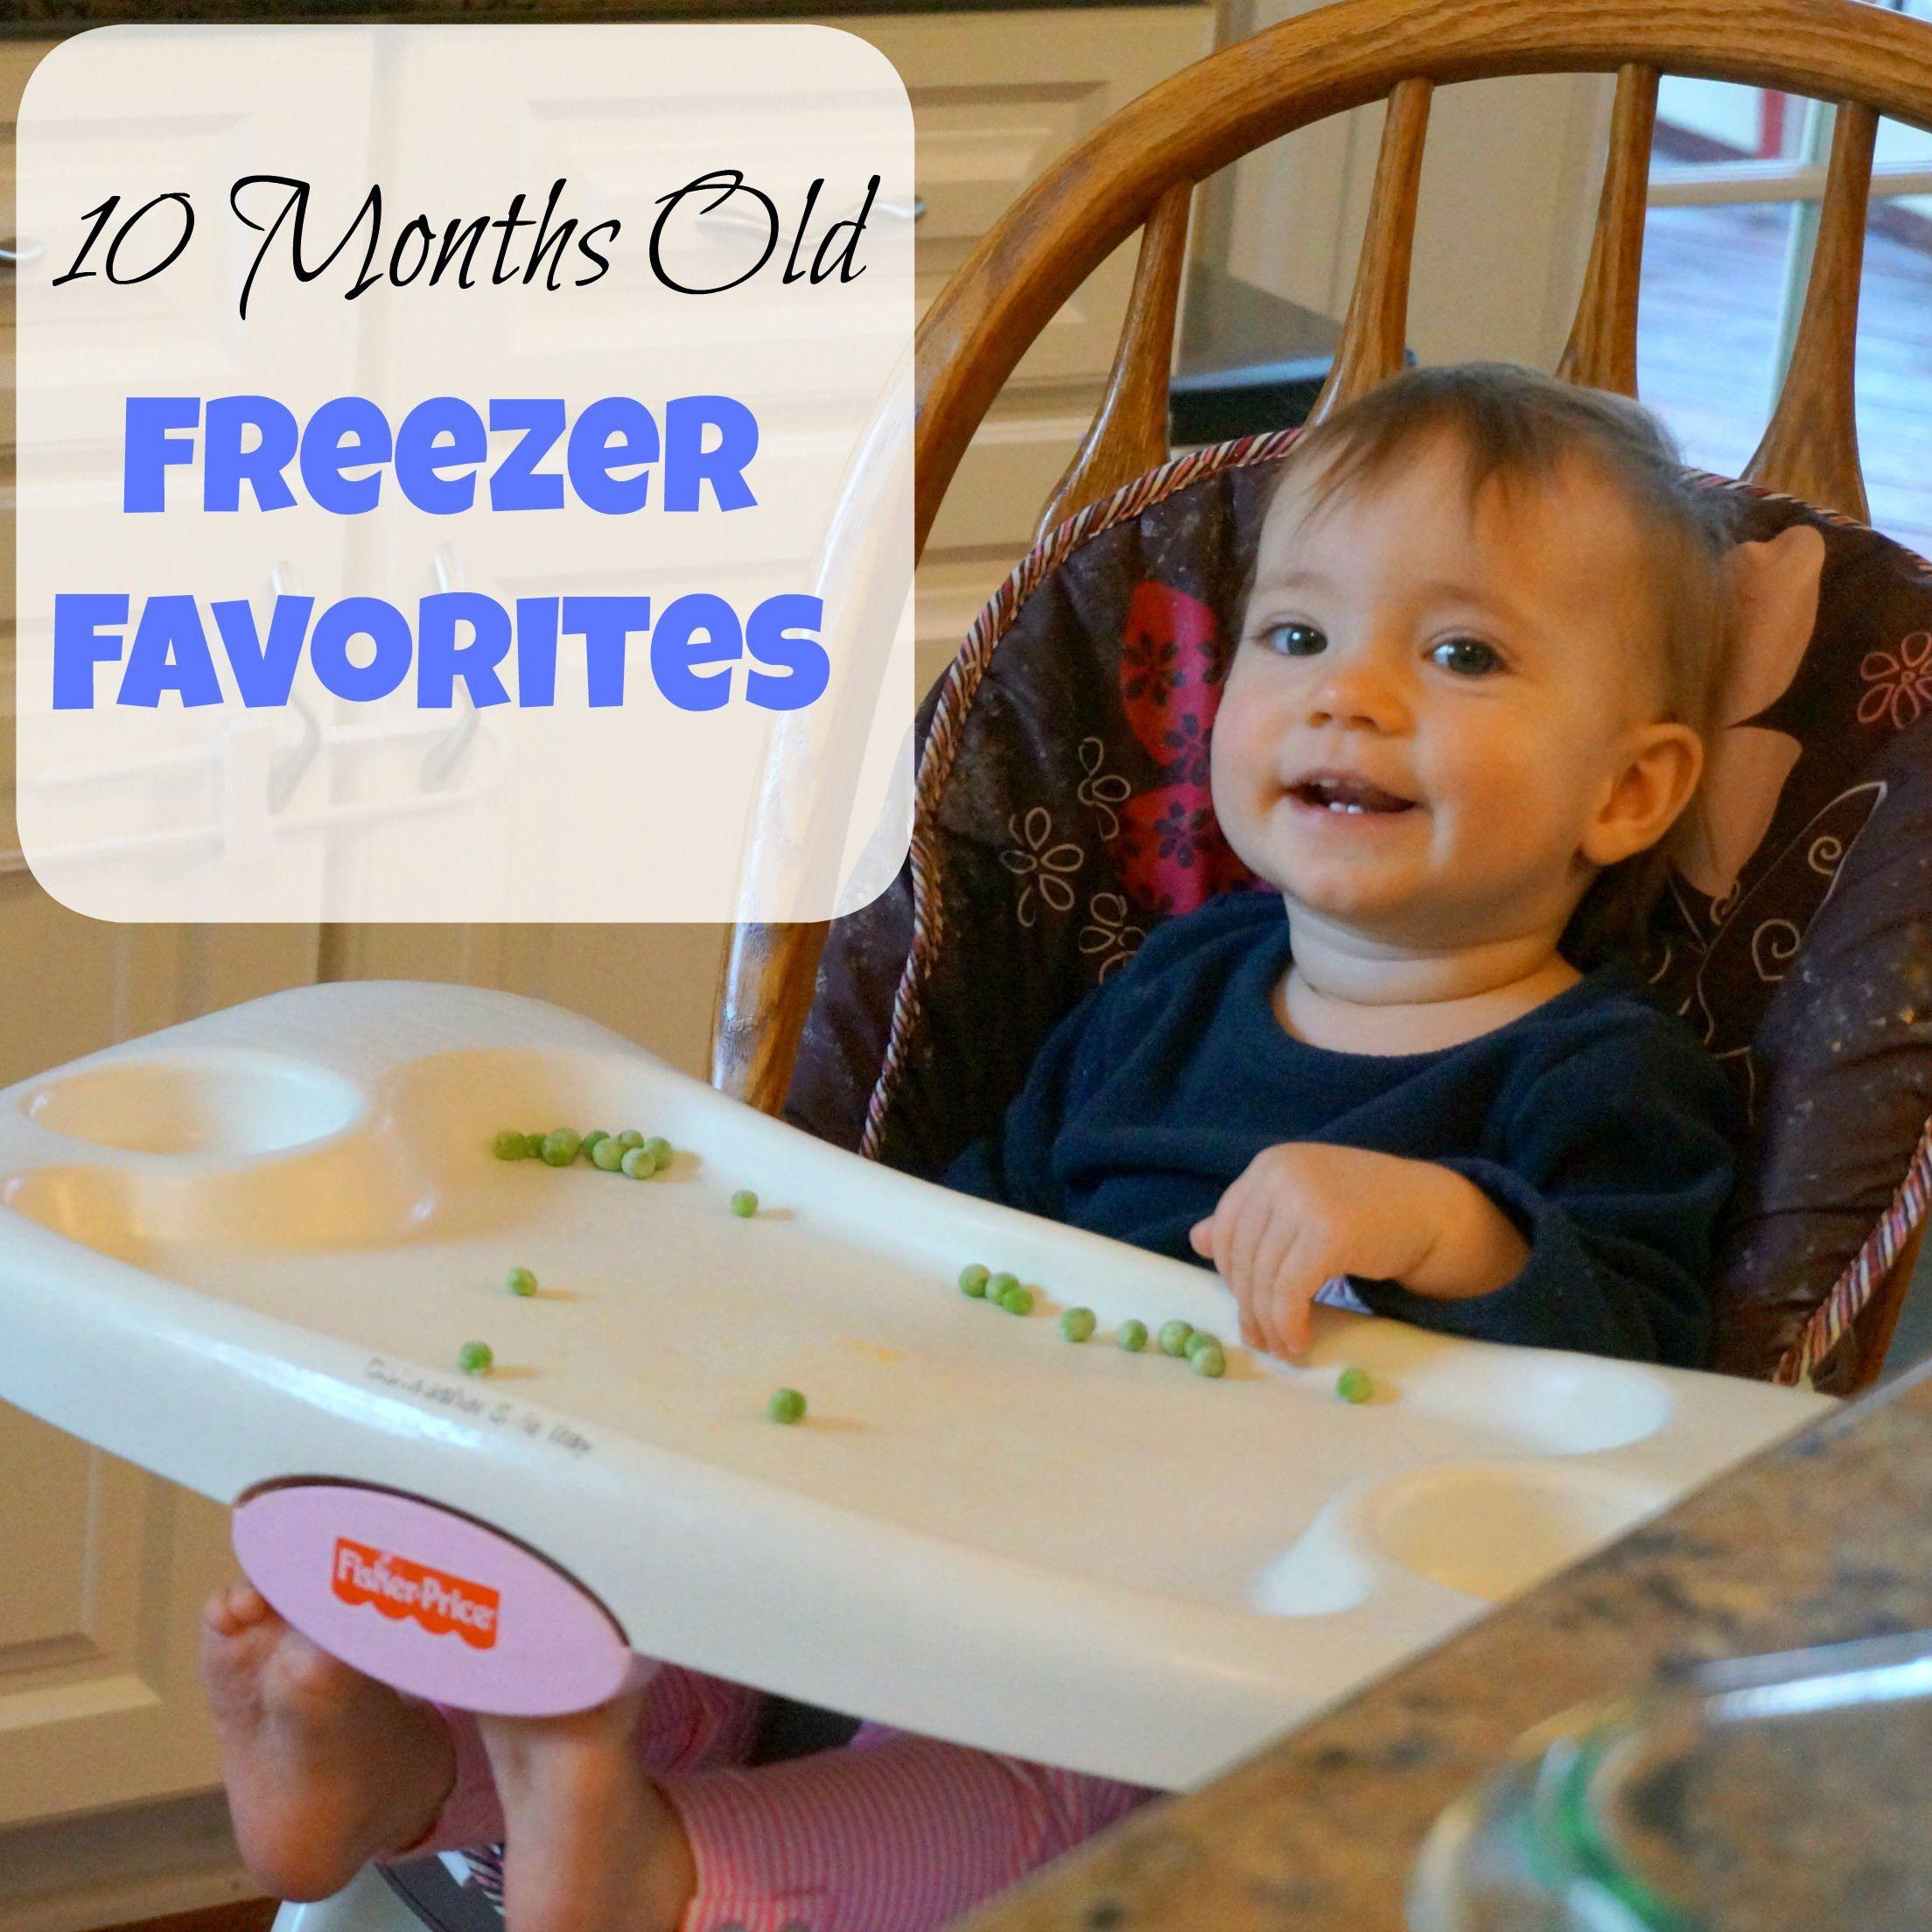 10 Months Old: Freezer Food Favorites